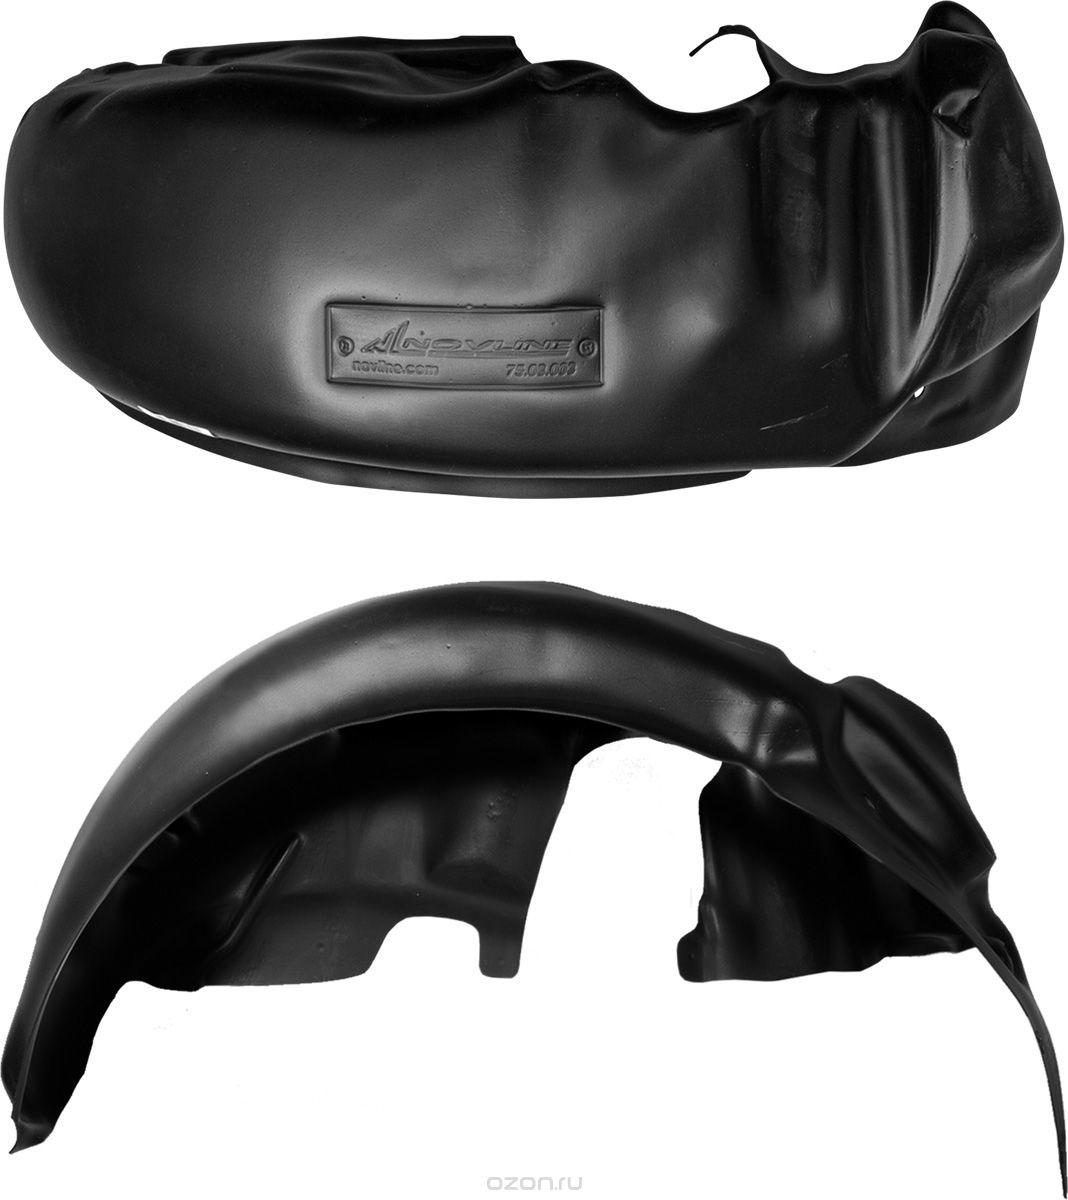 Подкрылок Novline-Autofamily, для Toyota Corolla, 01/2007-2010, 2010-2013, задний левыйNLL.48.15.003Идеальная защита колесной ниши. Локеры разработаны с применением цифровых технологий, гарантируют максимальную повторяемость поверхности арки. Изделия устанавливаются без нарушения лакокрасочного покрытия автомобиля, каждый подкрылок комплектуется крепежом. Уважаемые клиенты, обращаем ваше внимание, что фотографии на подкрылки универсальные и не отражают реальную форму изделия. При этом само изделие идет точно под размер указанного автомобиля.